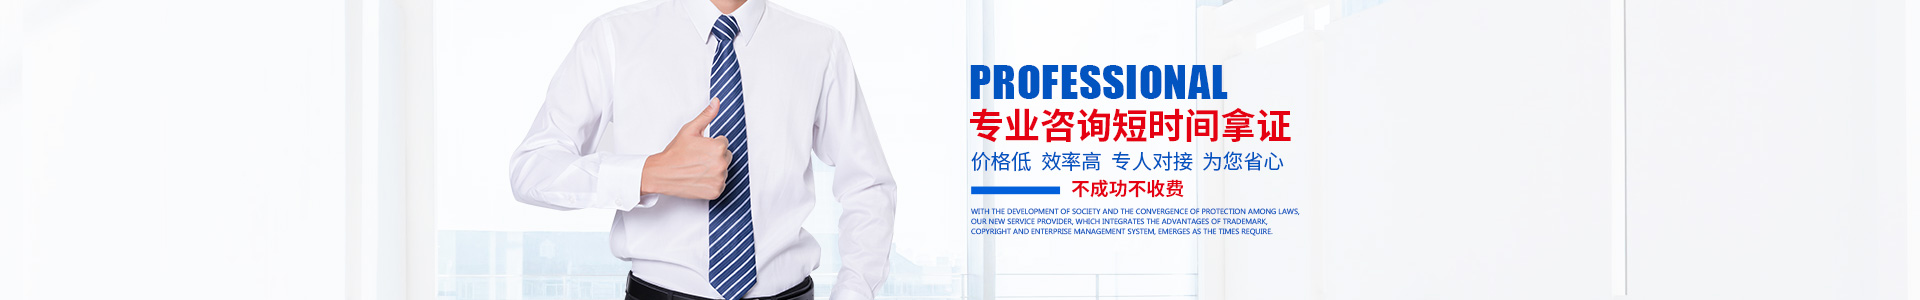 职业资格证书